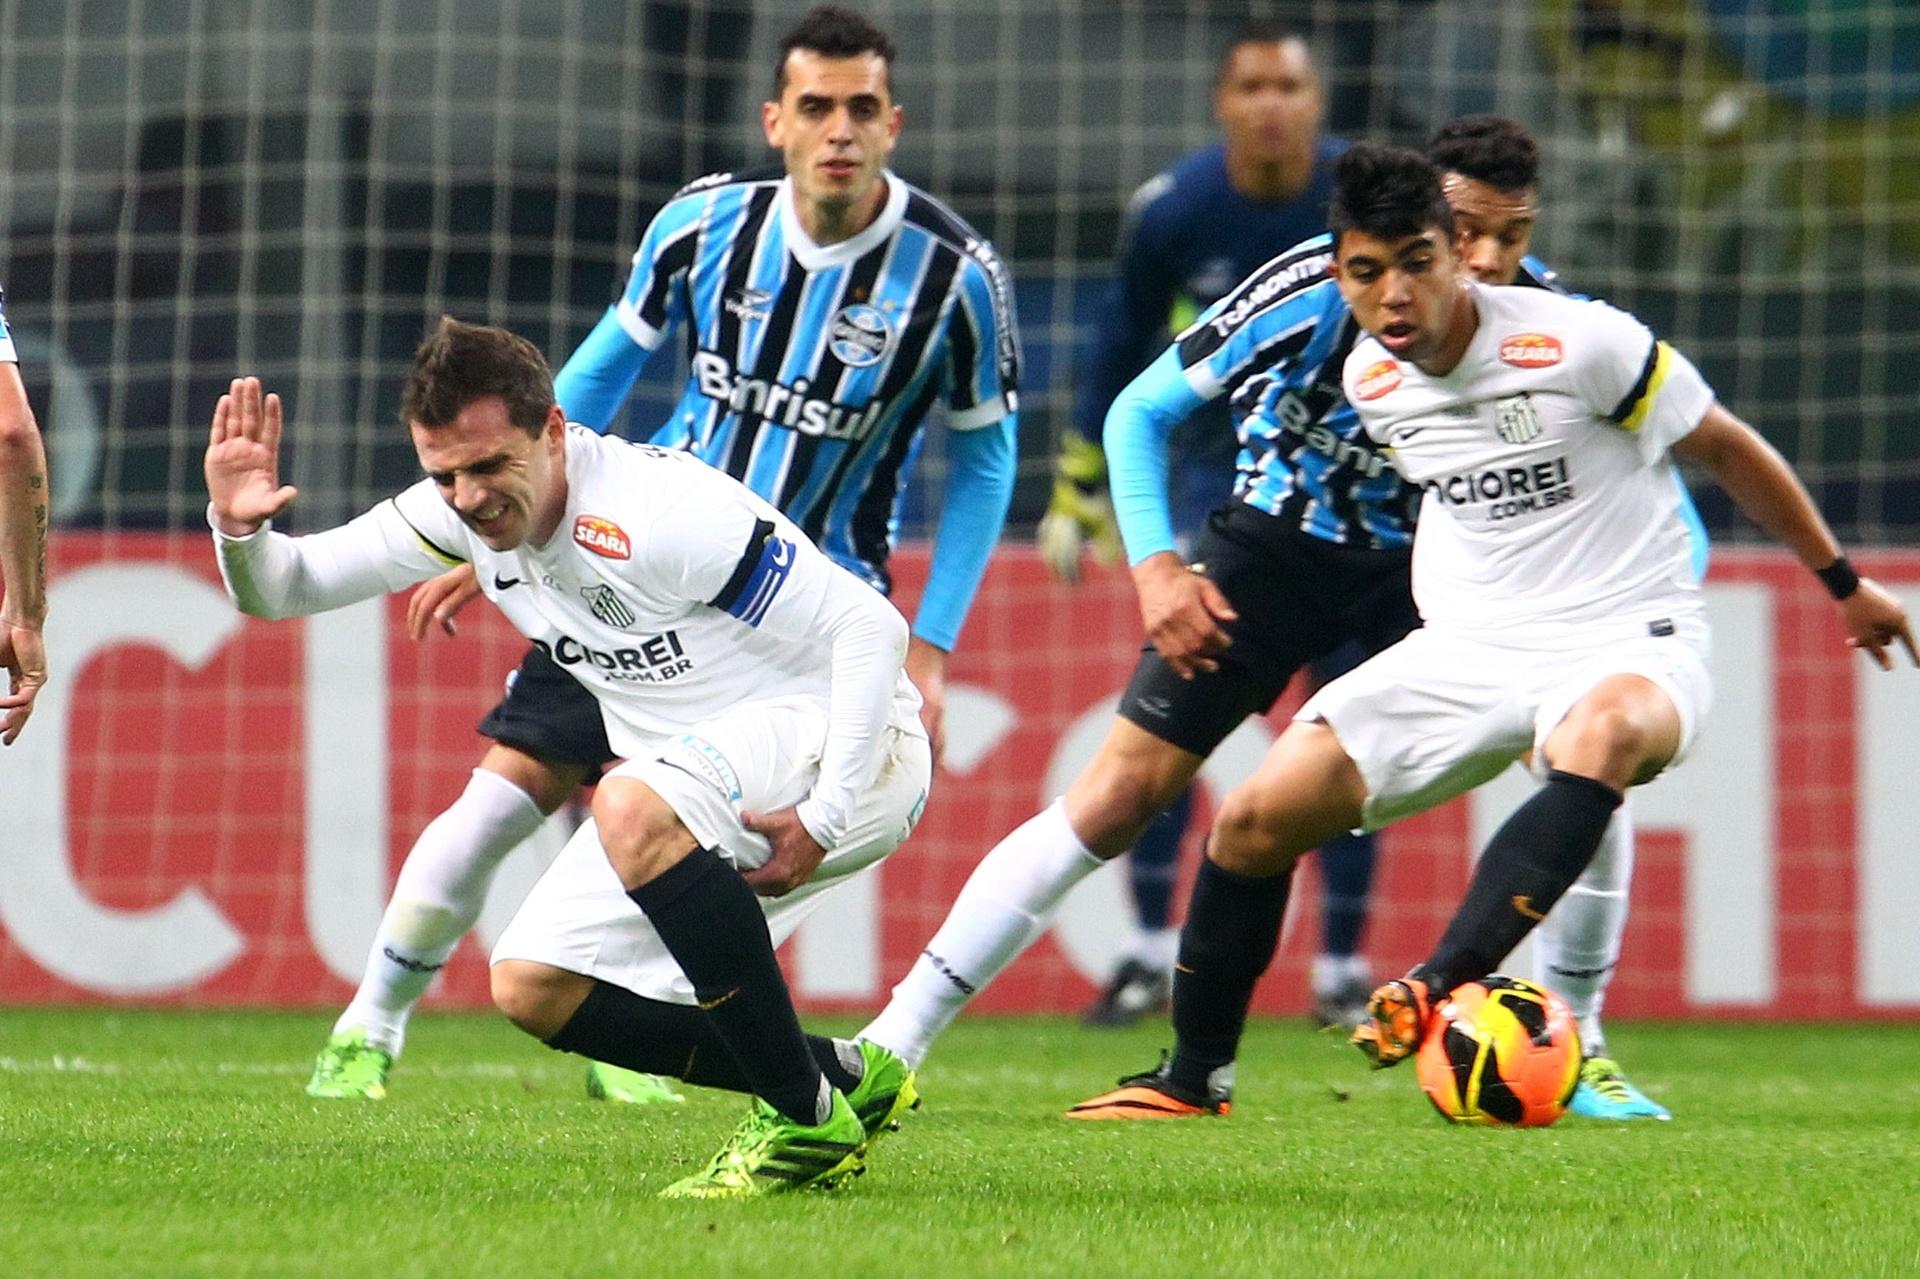 Santos terá prejuízo de mais de R  12 milhões com venda de Montillo -  24 01 2014 - UOL Esporte 6f3ef48e7a117